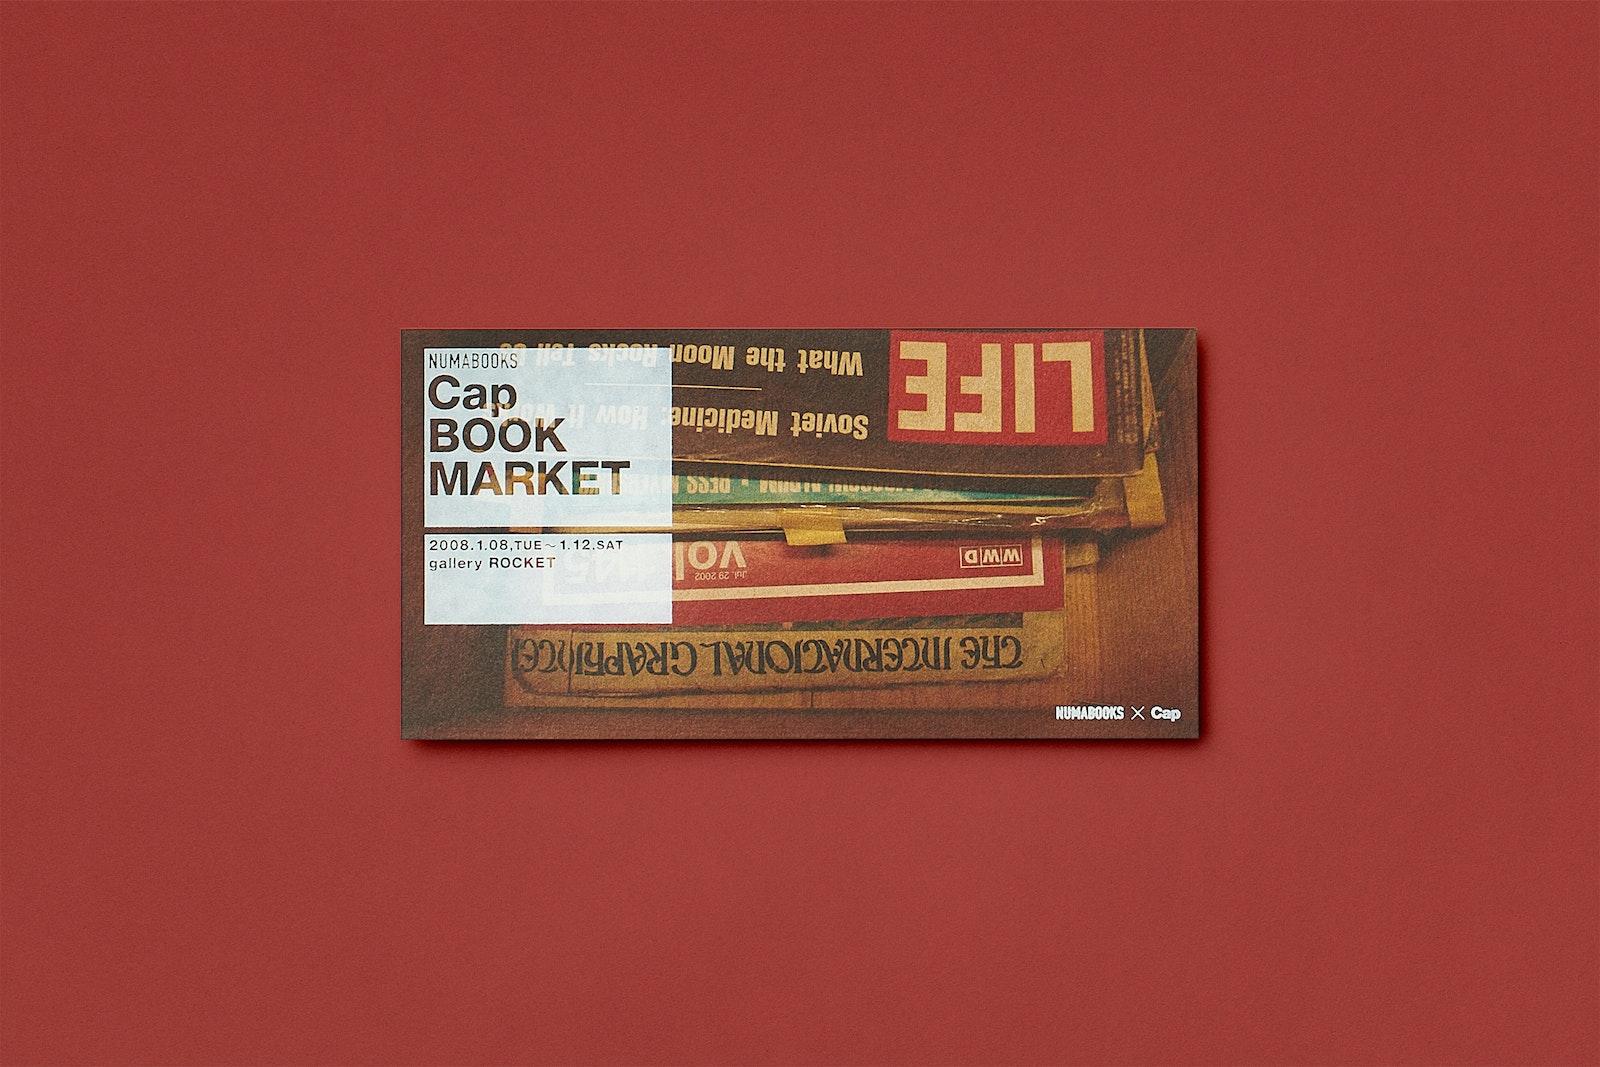 Cap Book Market